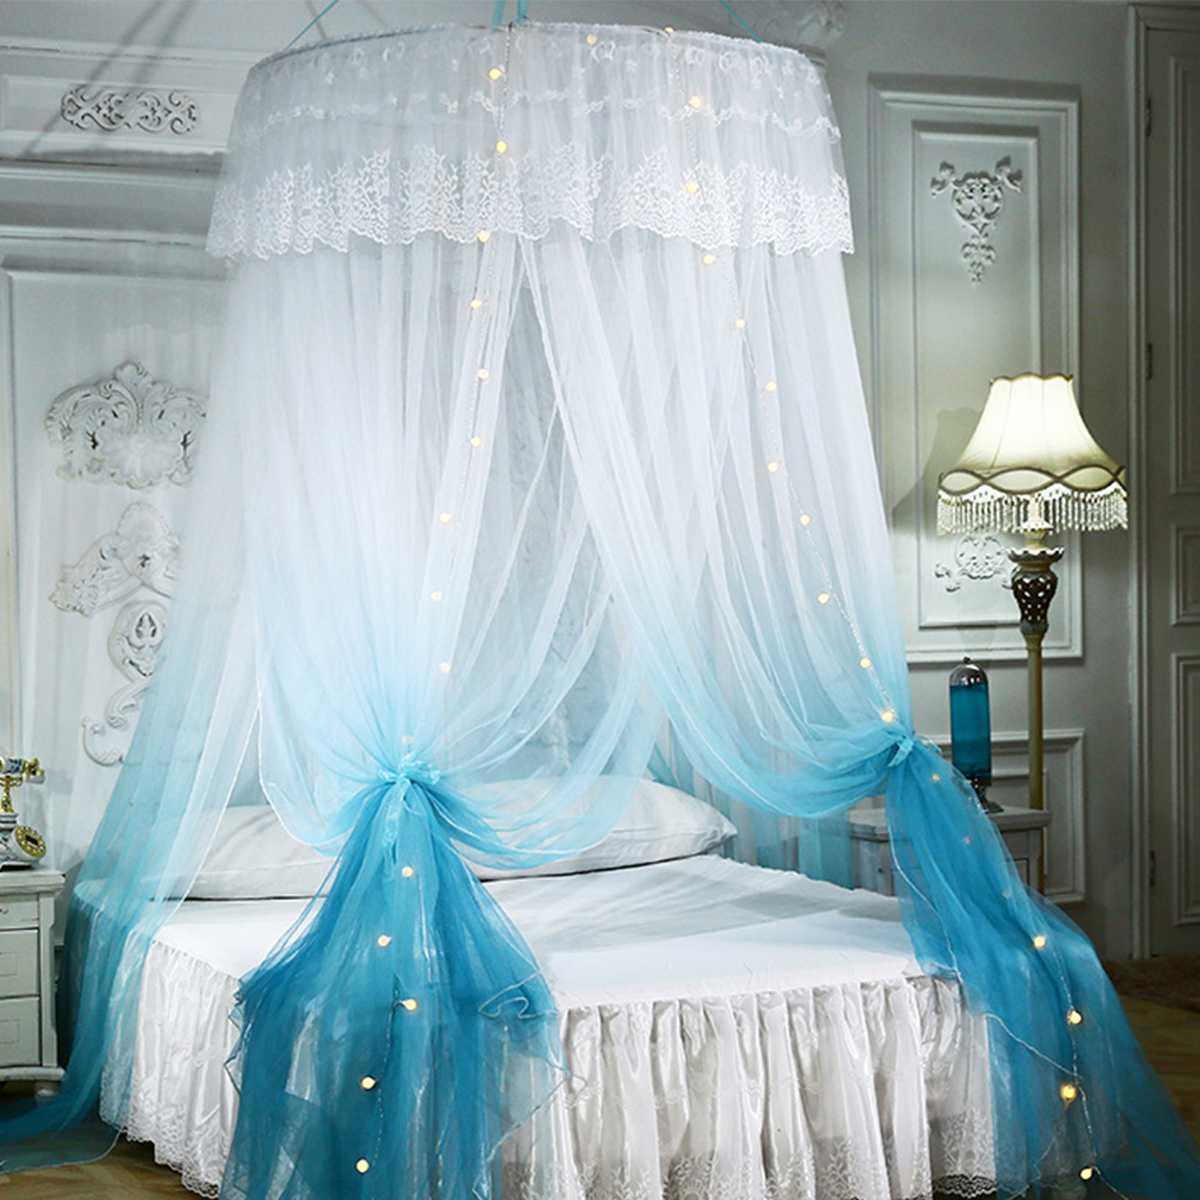 التدرج سرير الاميرة الستار خيمة المنزل قبة طوي نموسية للسرير مع هوك سقف شنت ناموسية التركيب المجاني